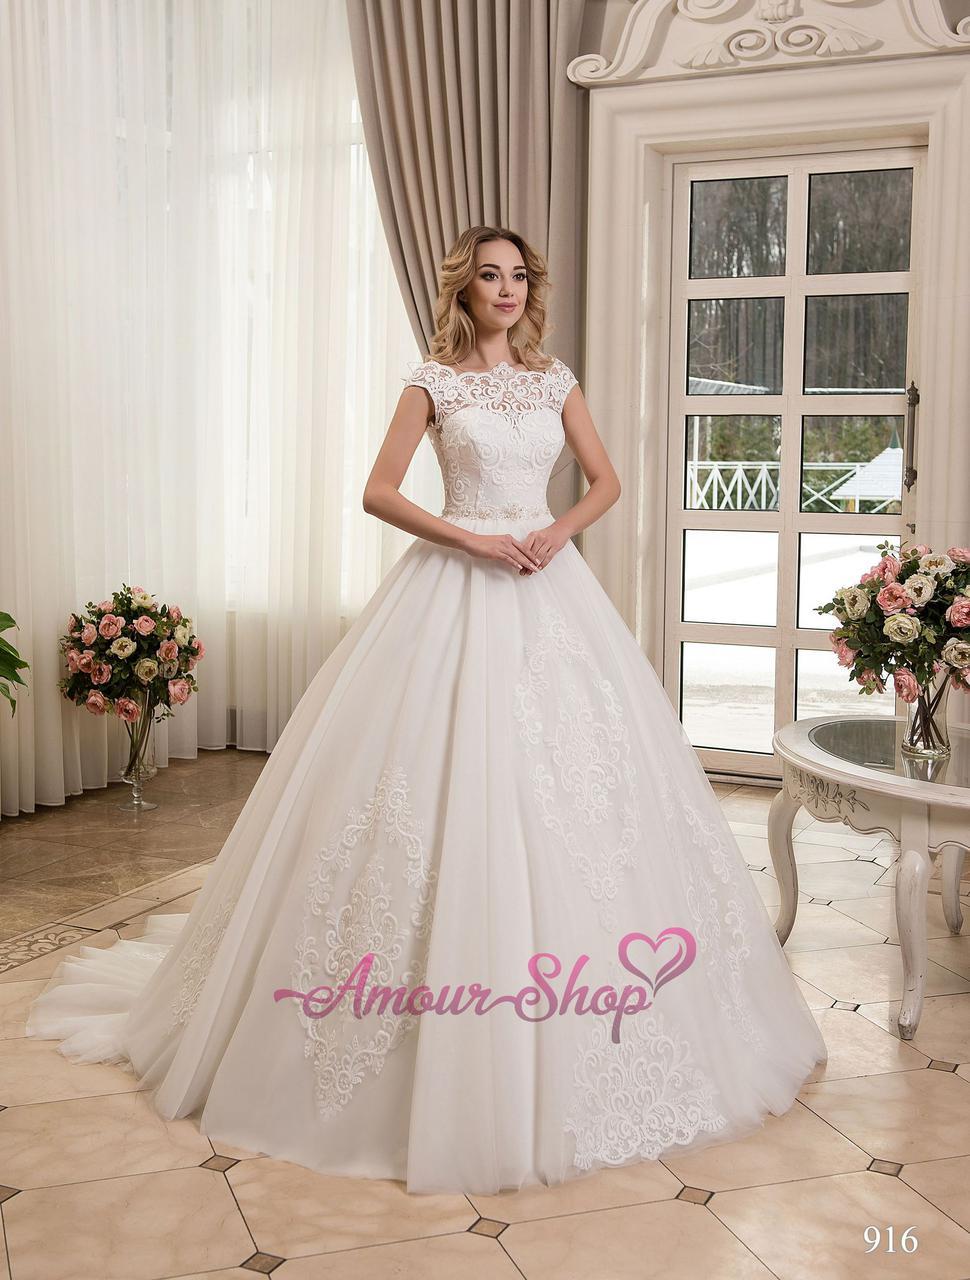 7048506ac37579a Свадебное платье пышное со шлейфом: 9 650 грн. - Свадебные платья ...